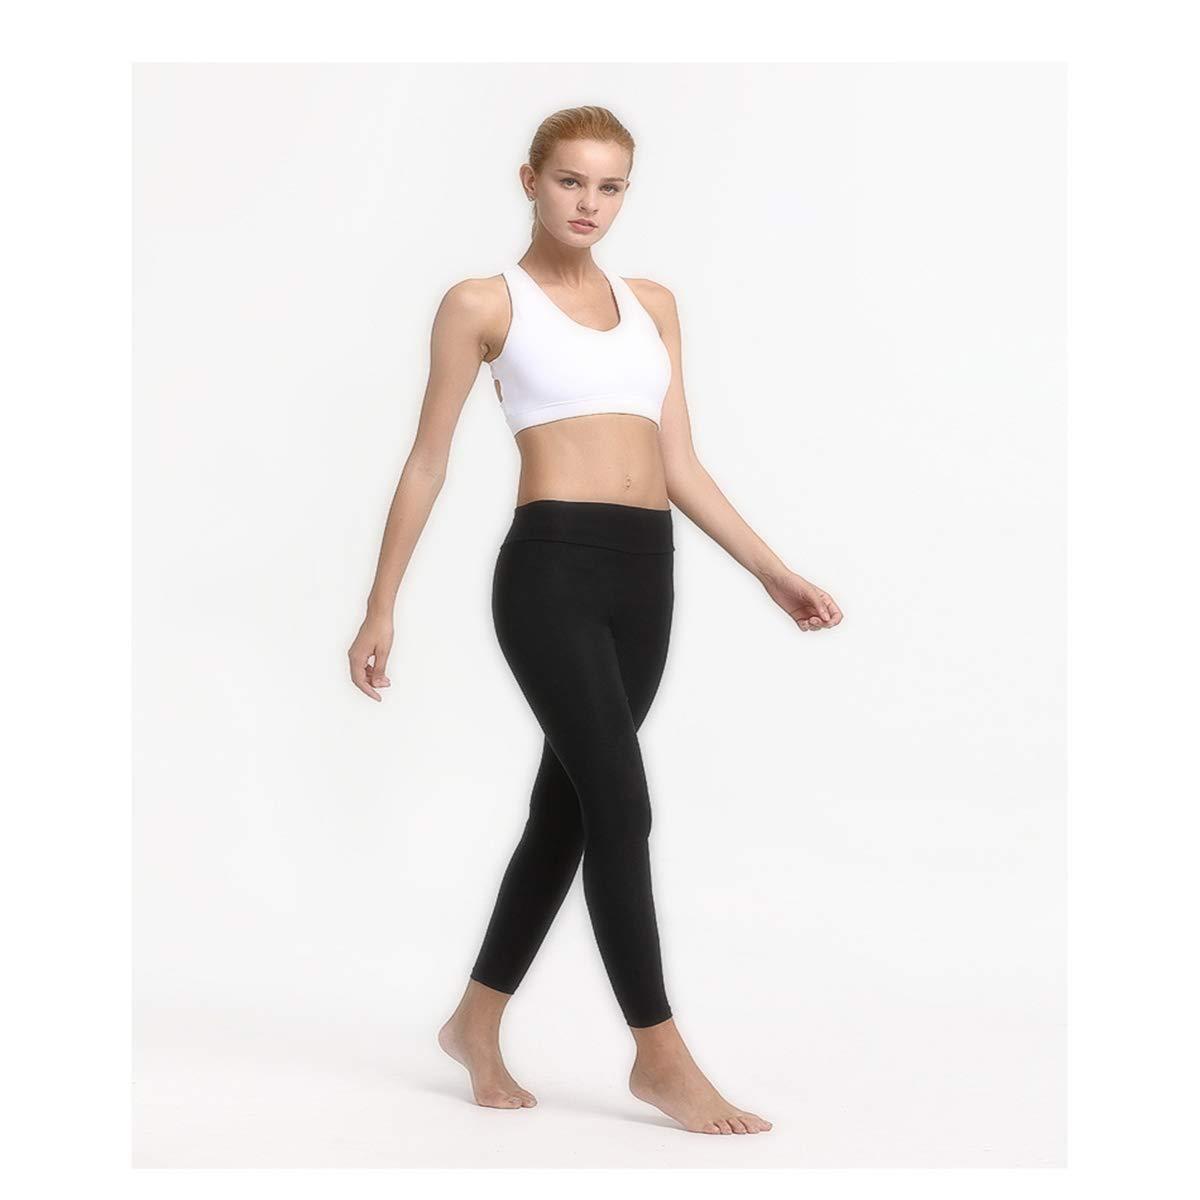 Leoyee Reggiseno Sportivo Antiurto Cross Traspirante ad Alto Impatto Running Fitness Yoga